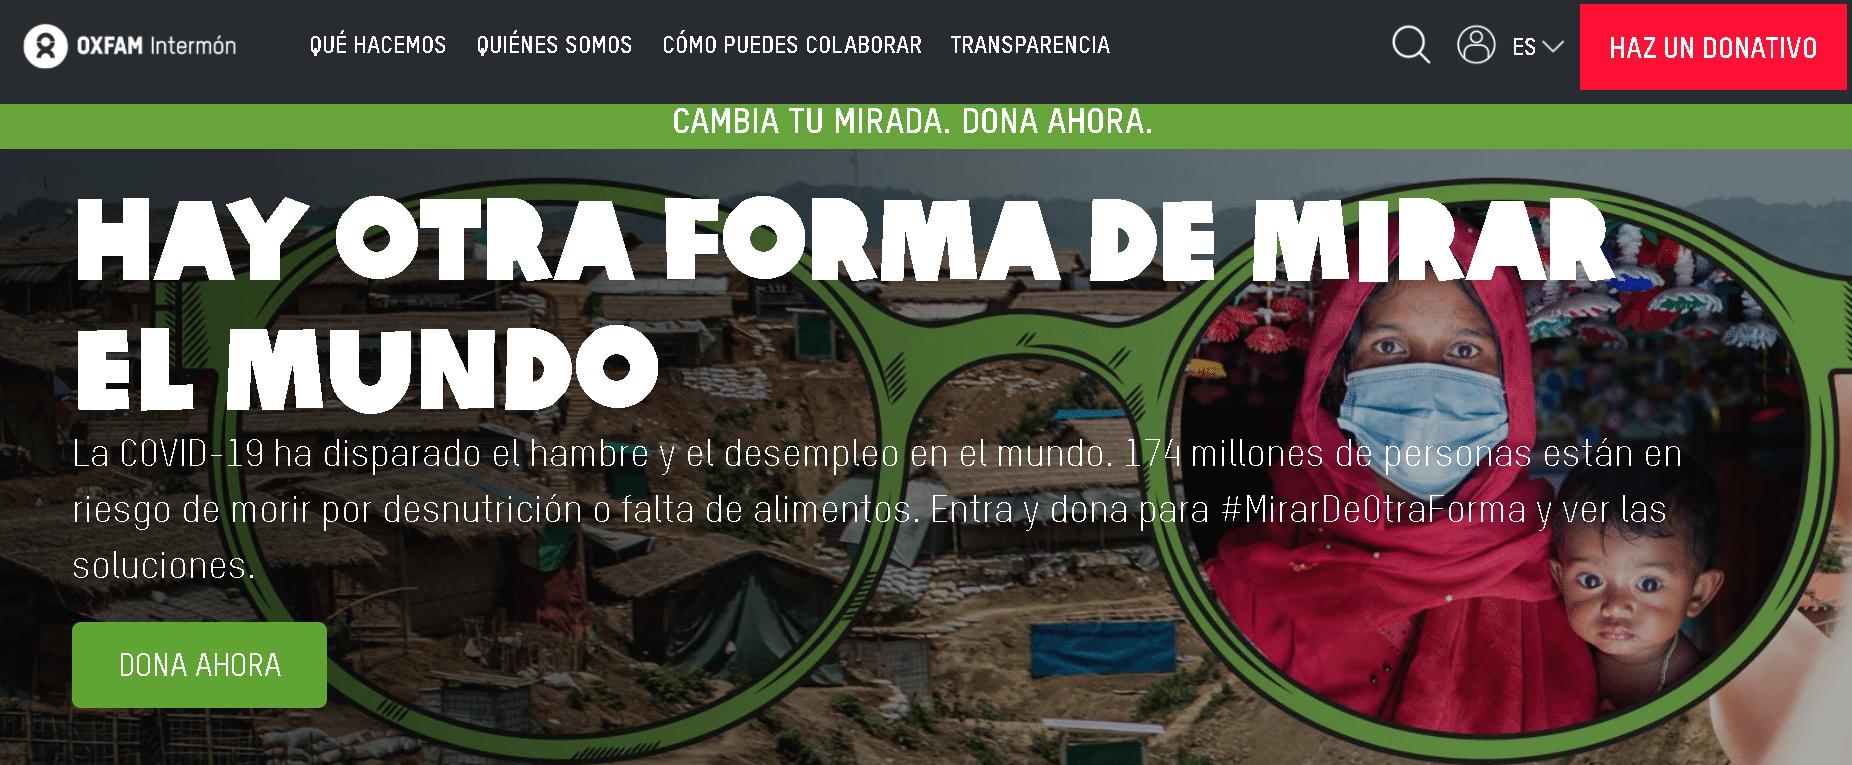 Oxfam Intermon Colabora reciclando tu movil